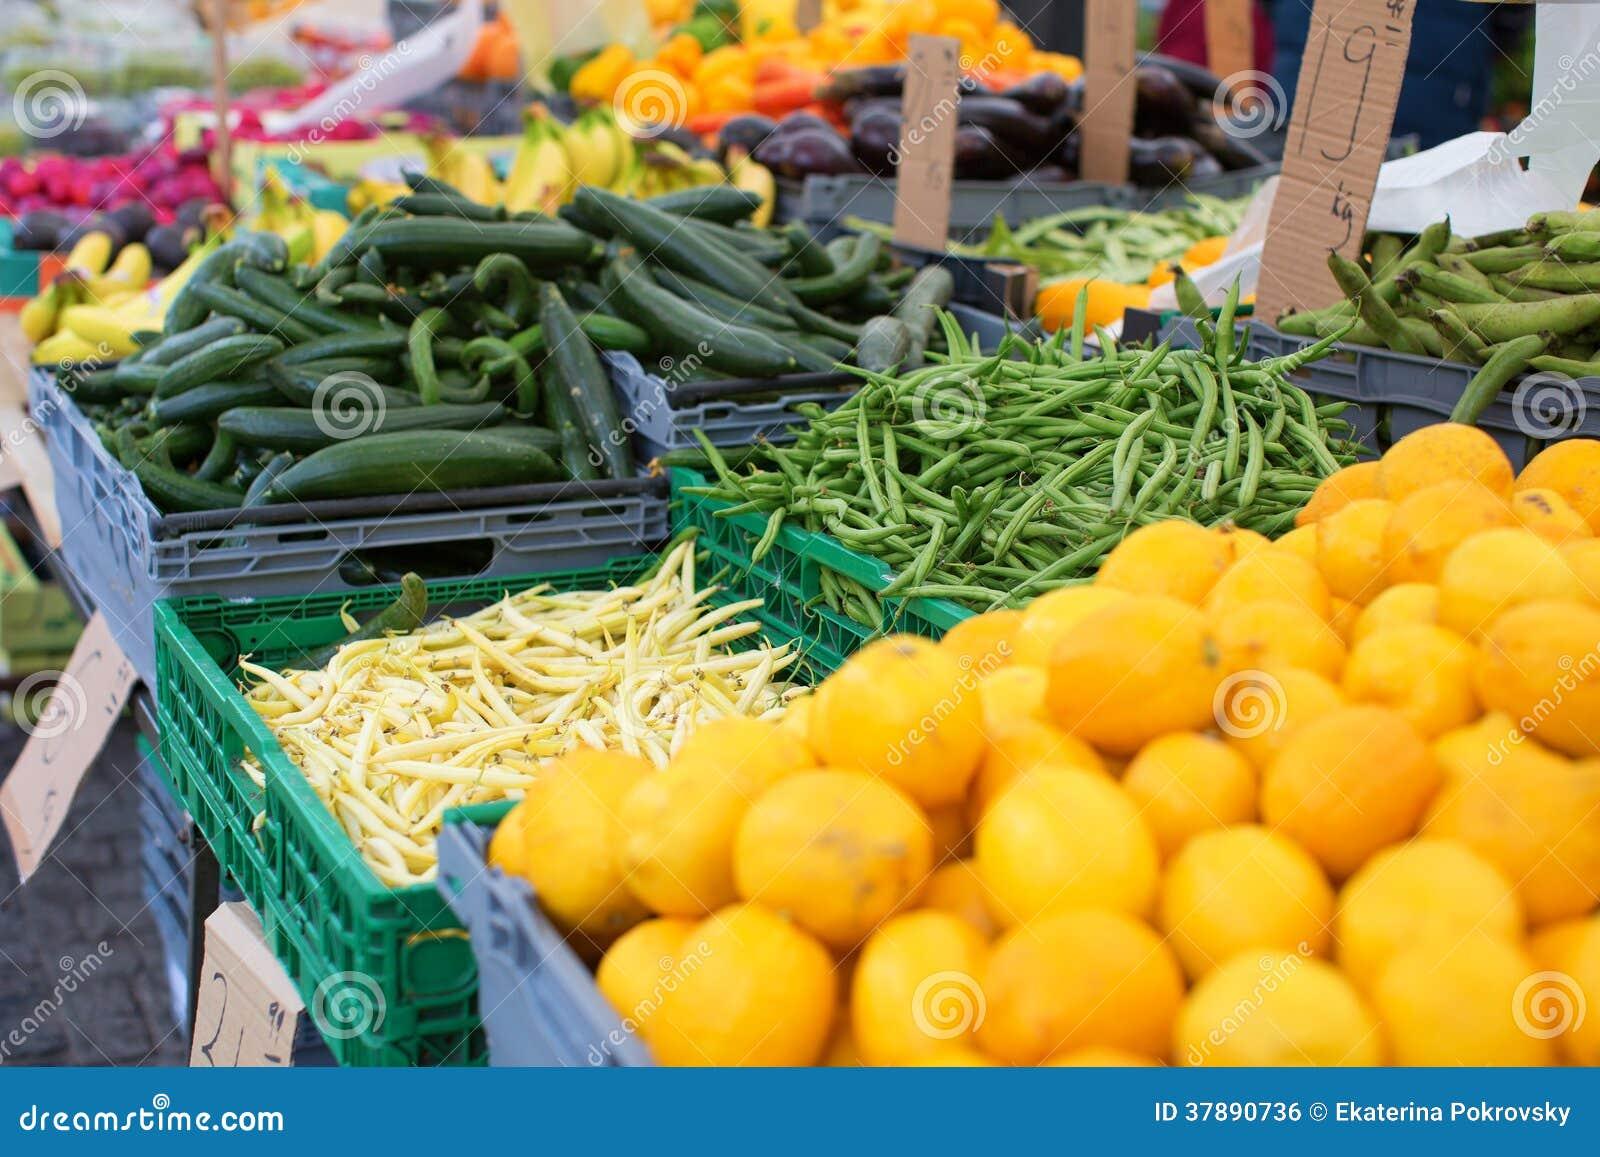 Φρούτα και λαχανικά στην αγορά